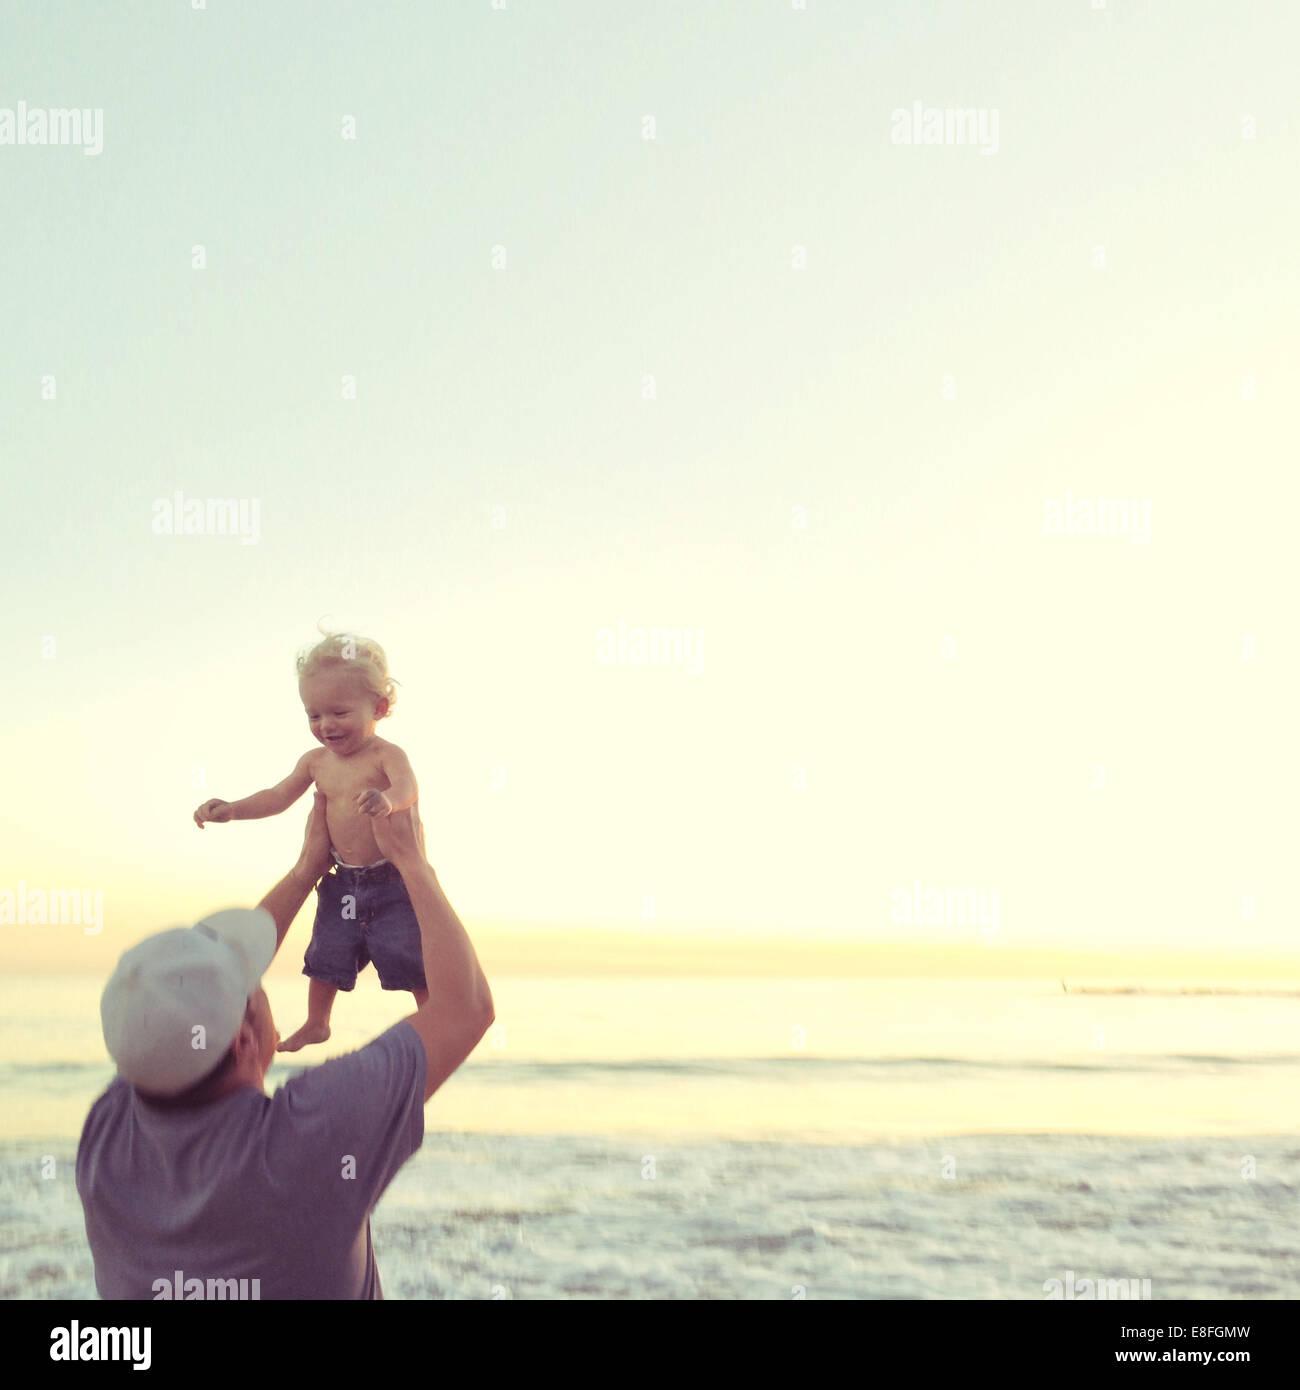 Padre sollevando il suo Figlio bambino in aria presso il beach, california, america, STATI UNITI D'AMERICA Immagini Stock